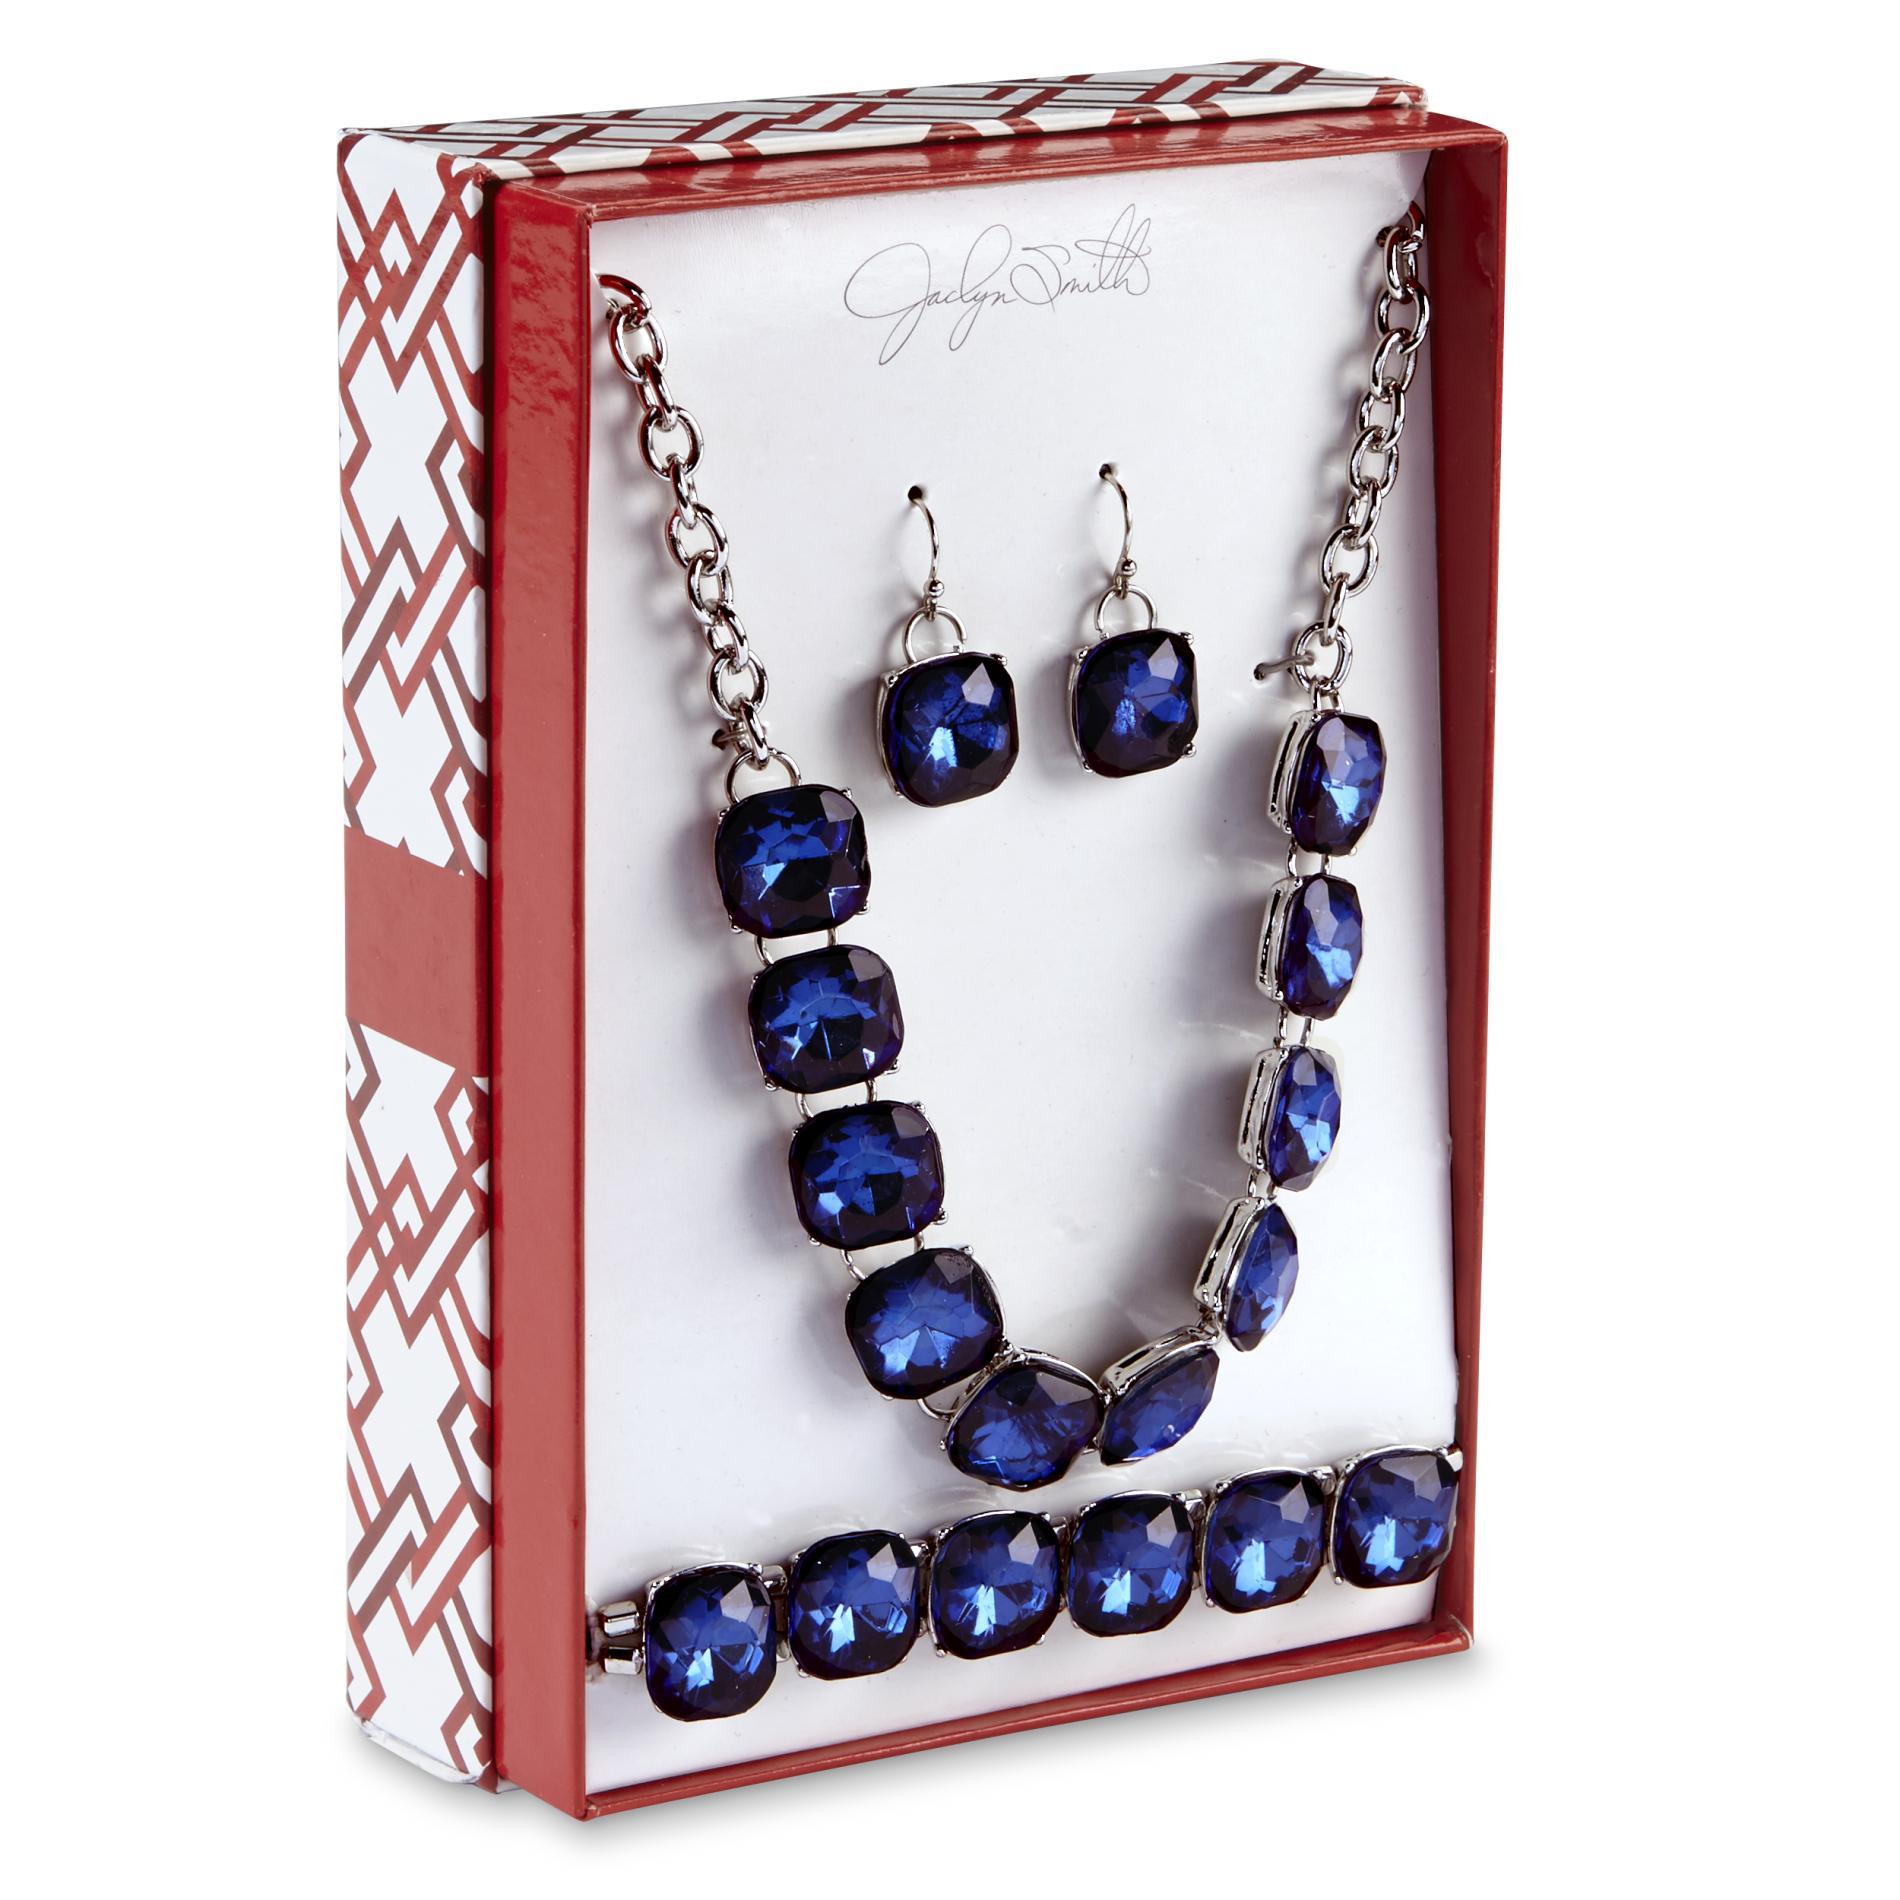 Women's Silvertone Necklace, Earrings & Bracelet